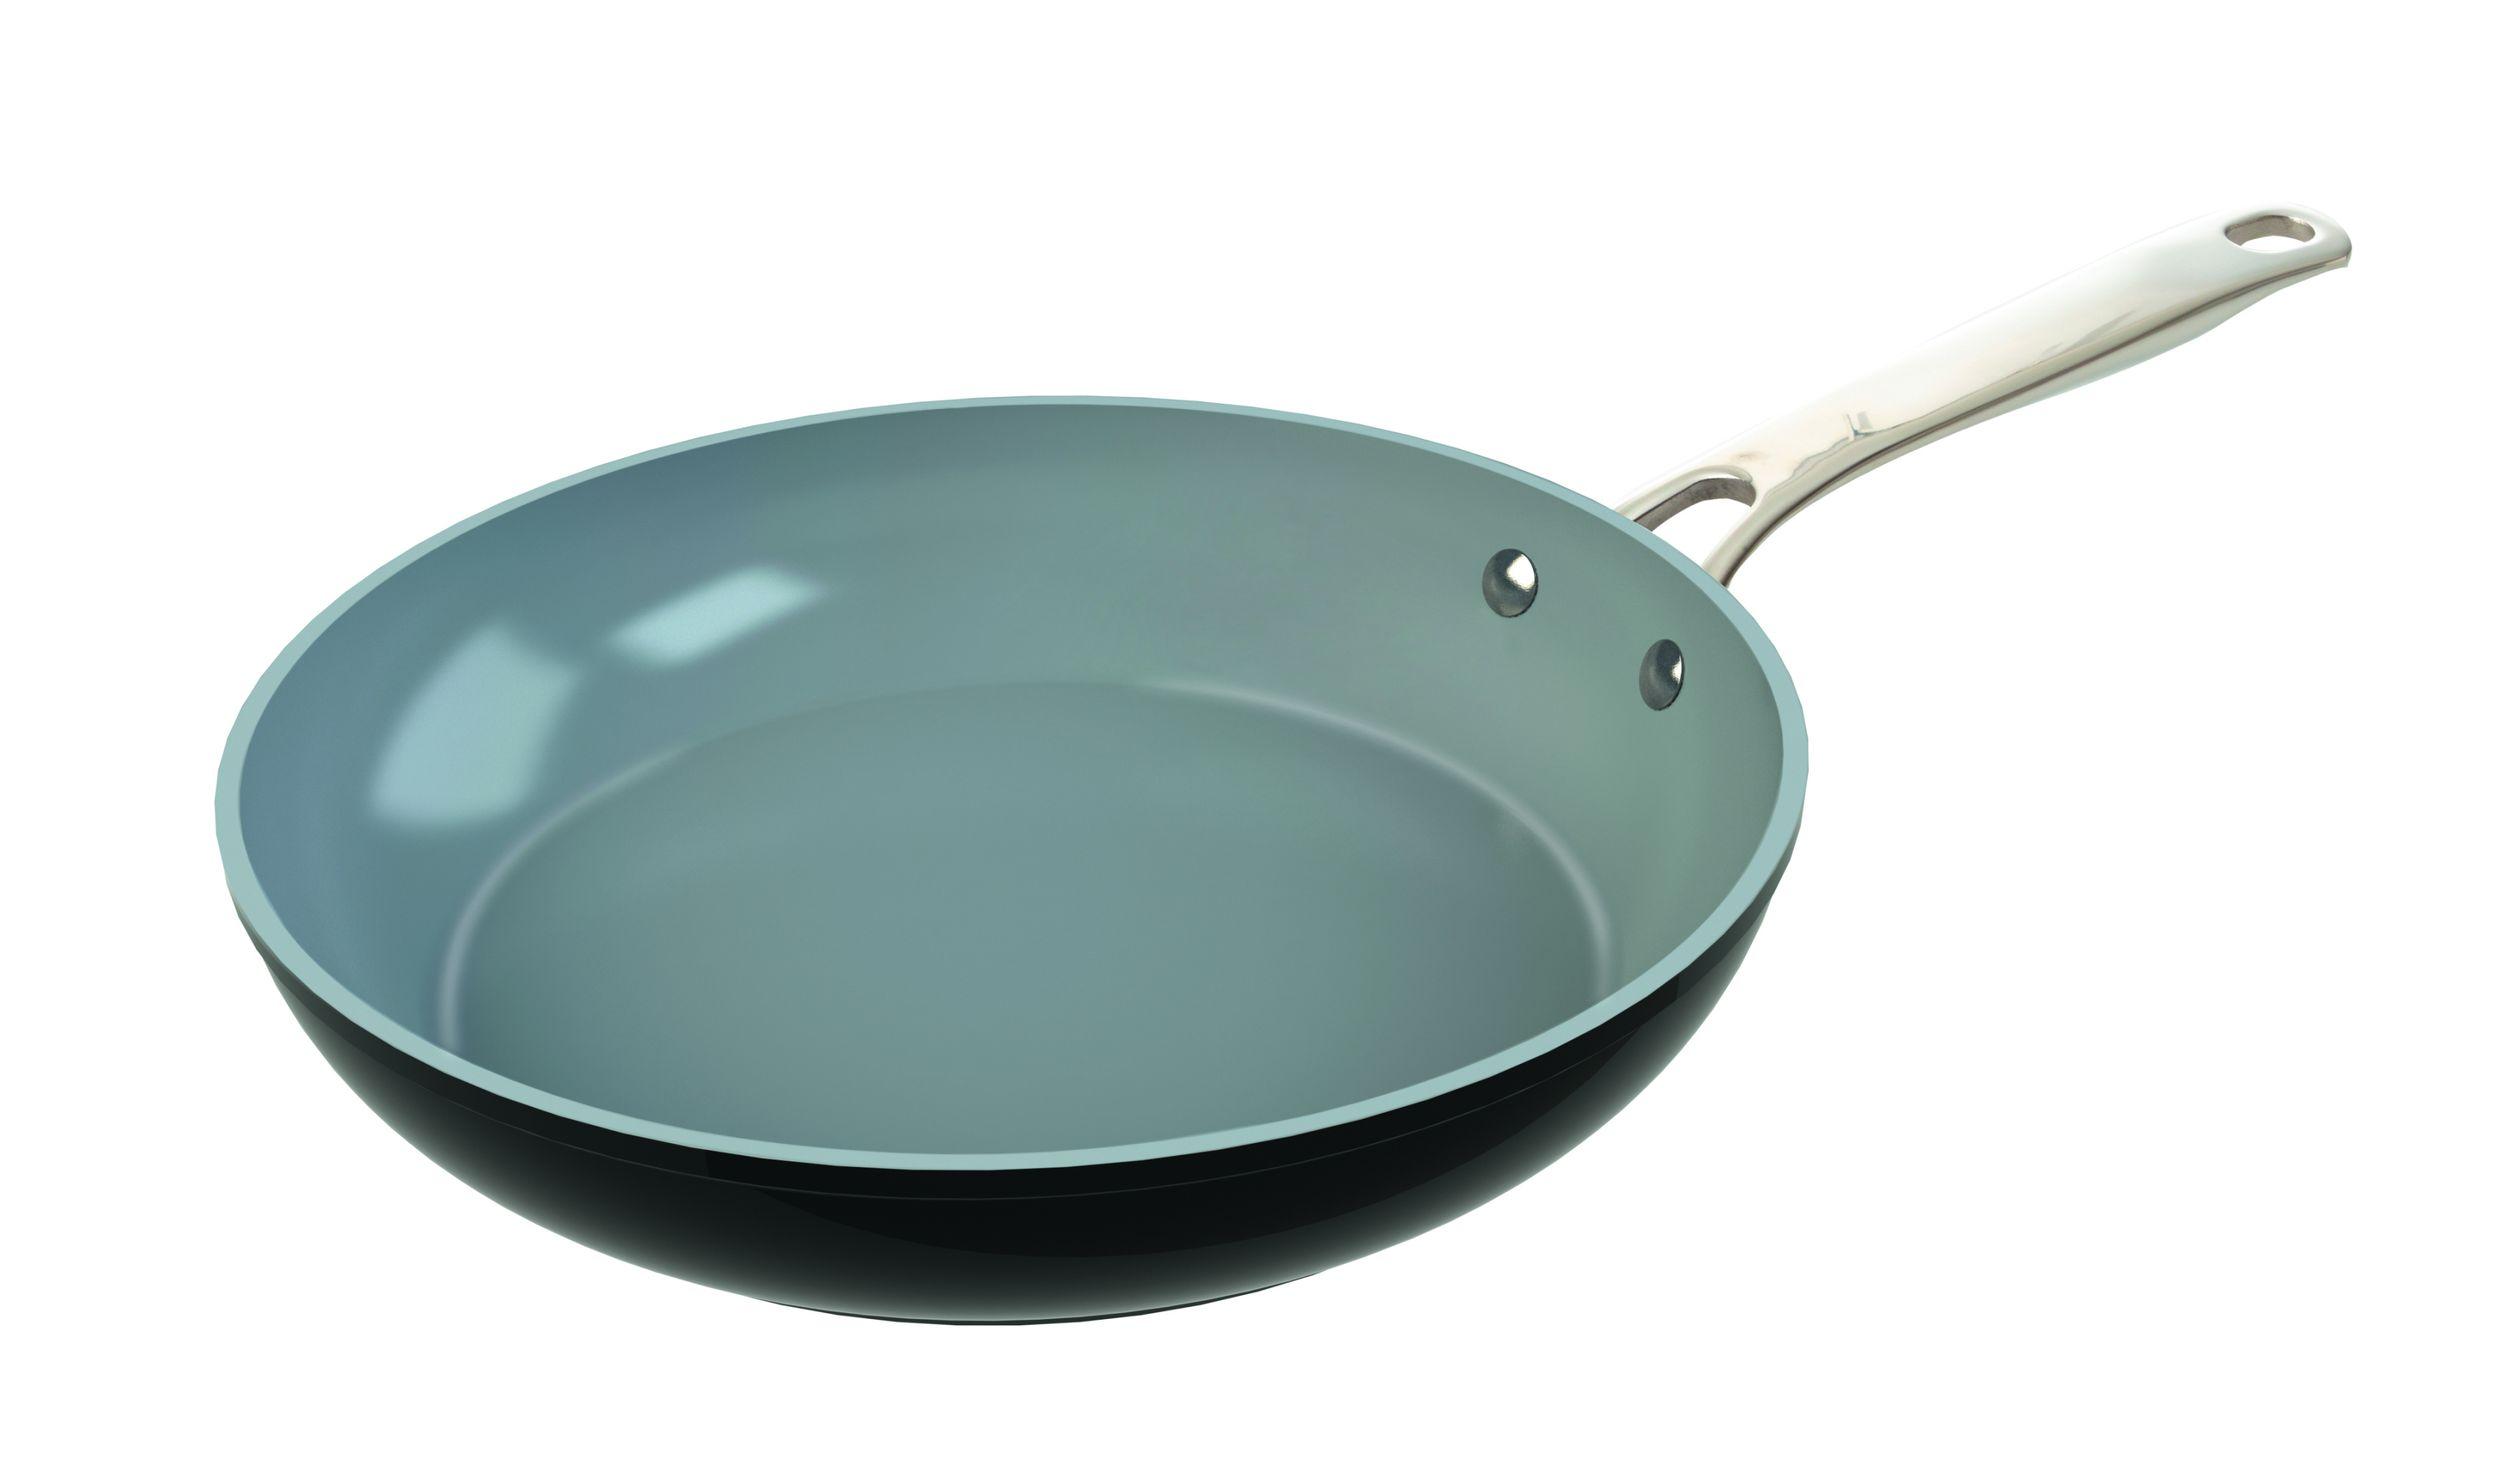 LAGUIOLE Bratpfanne Grillpfanne 28cm Stielpfanne Keramik nonstick Induktion inkl.Pfannenschutz*00870